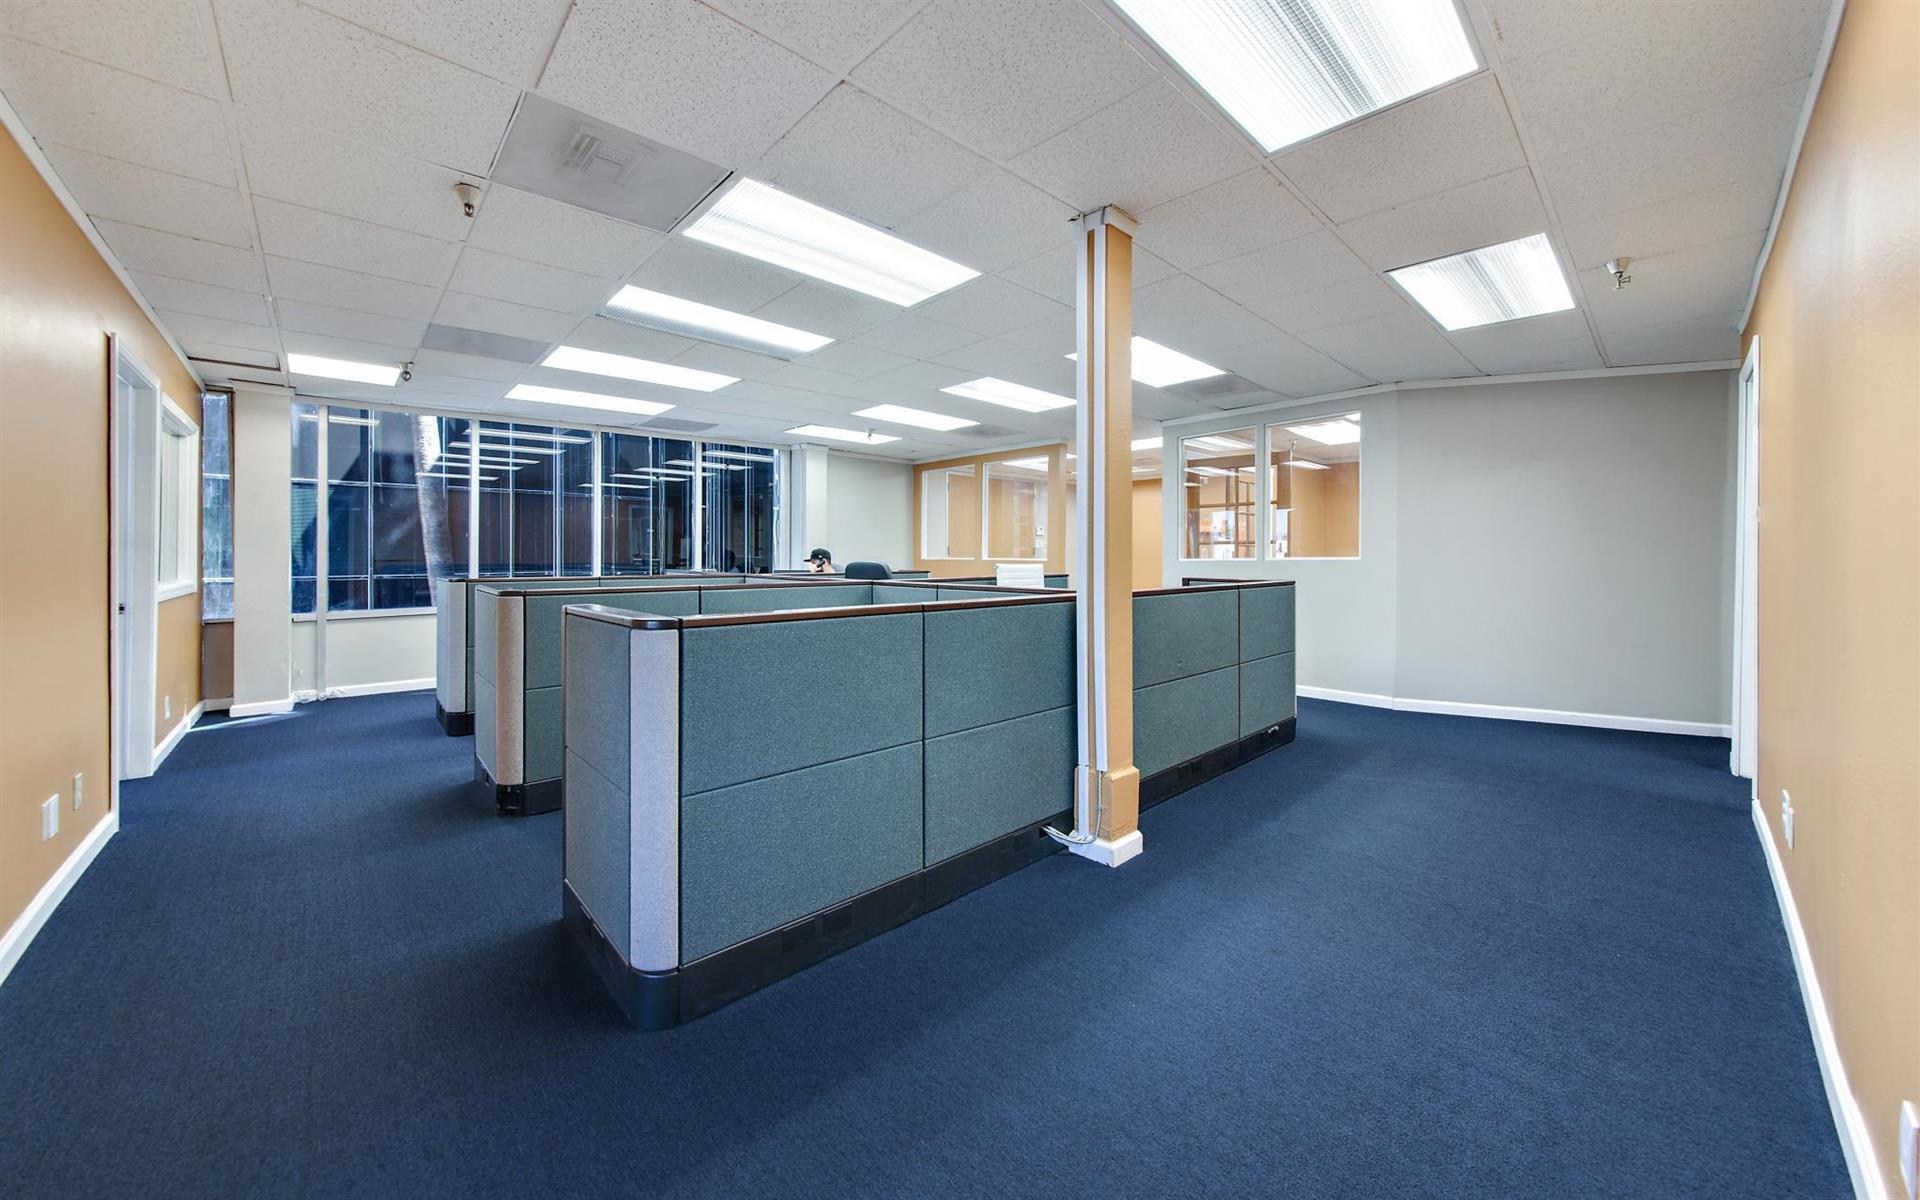 16200 Ventura Blvd. - Team Office 301